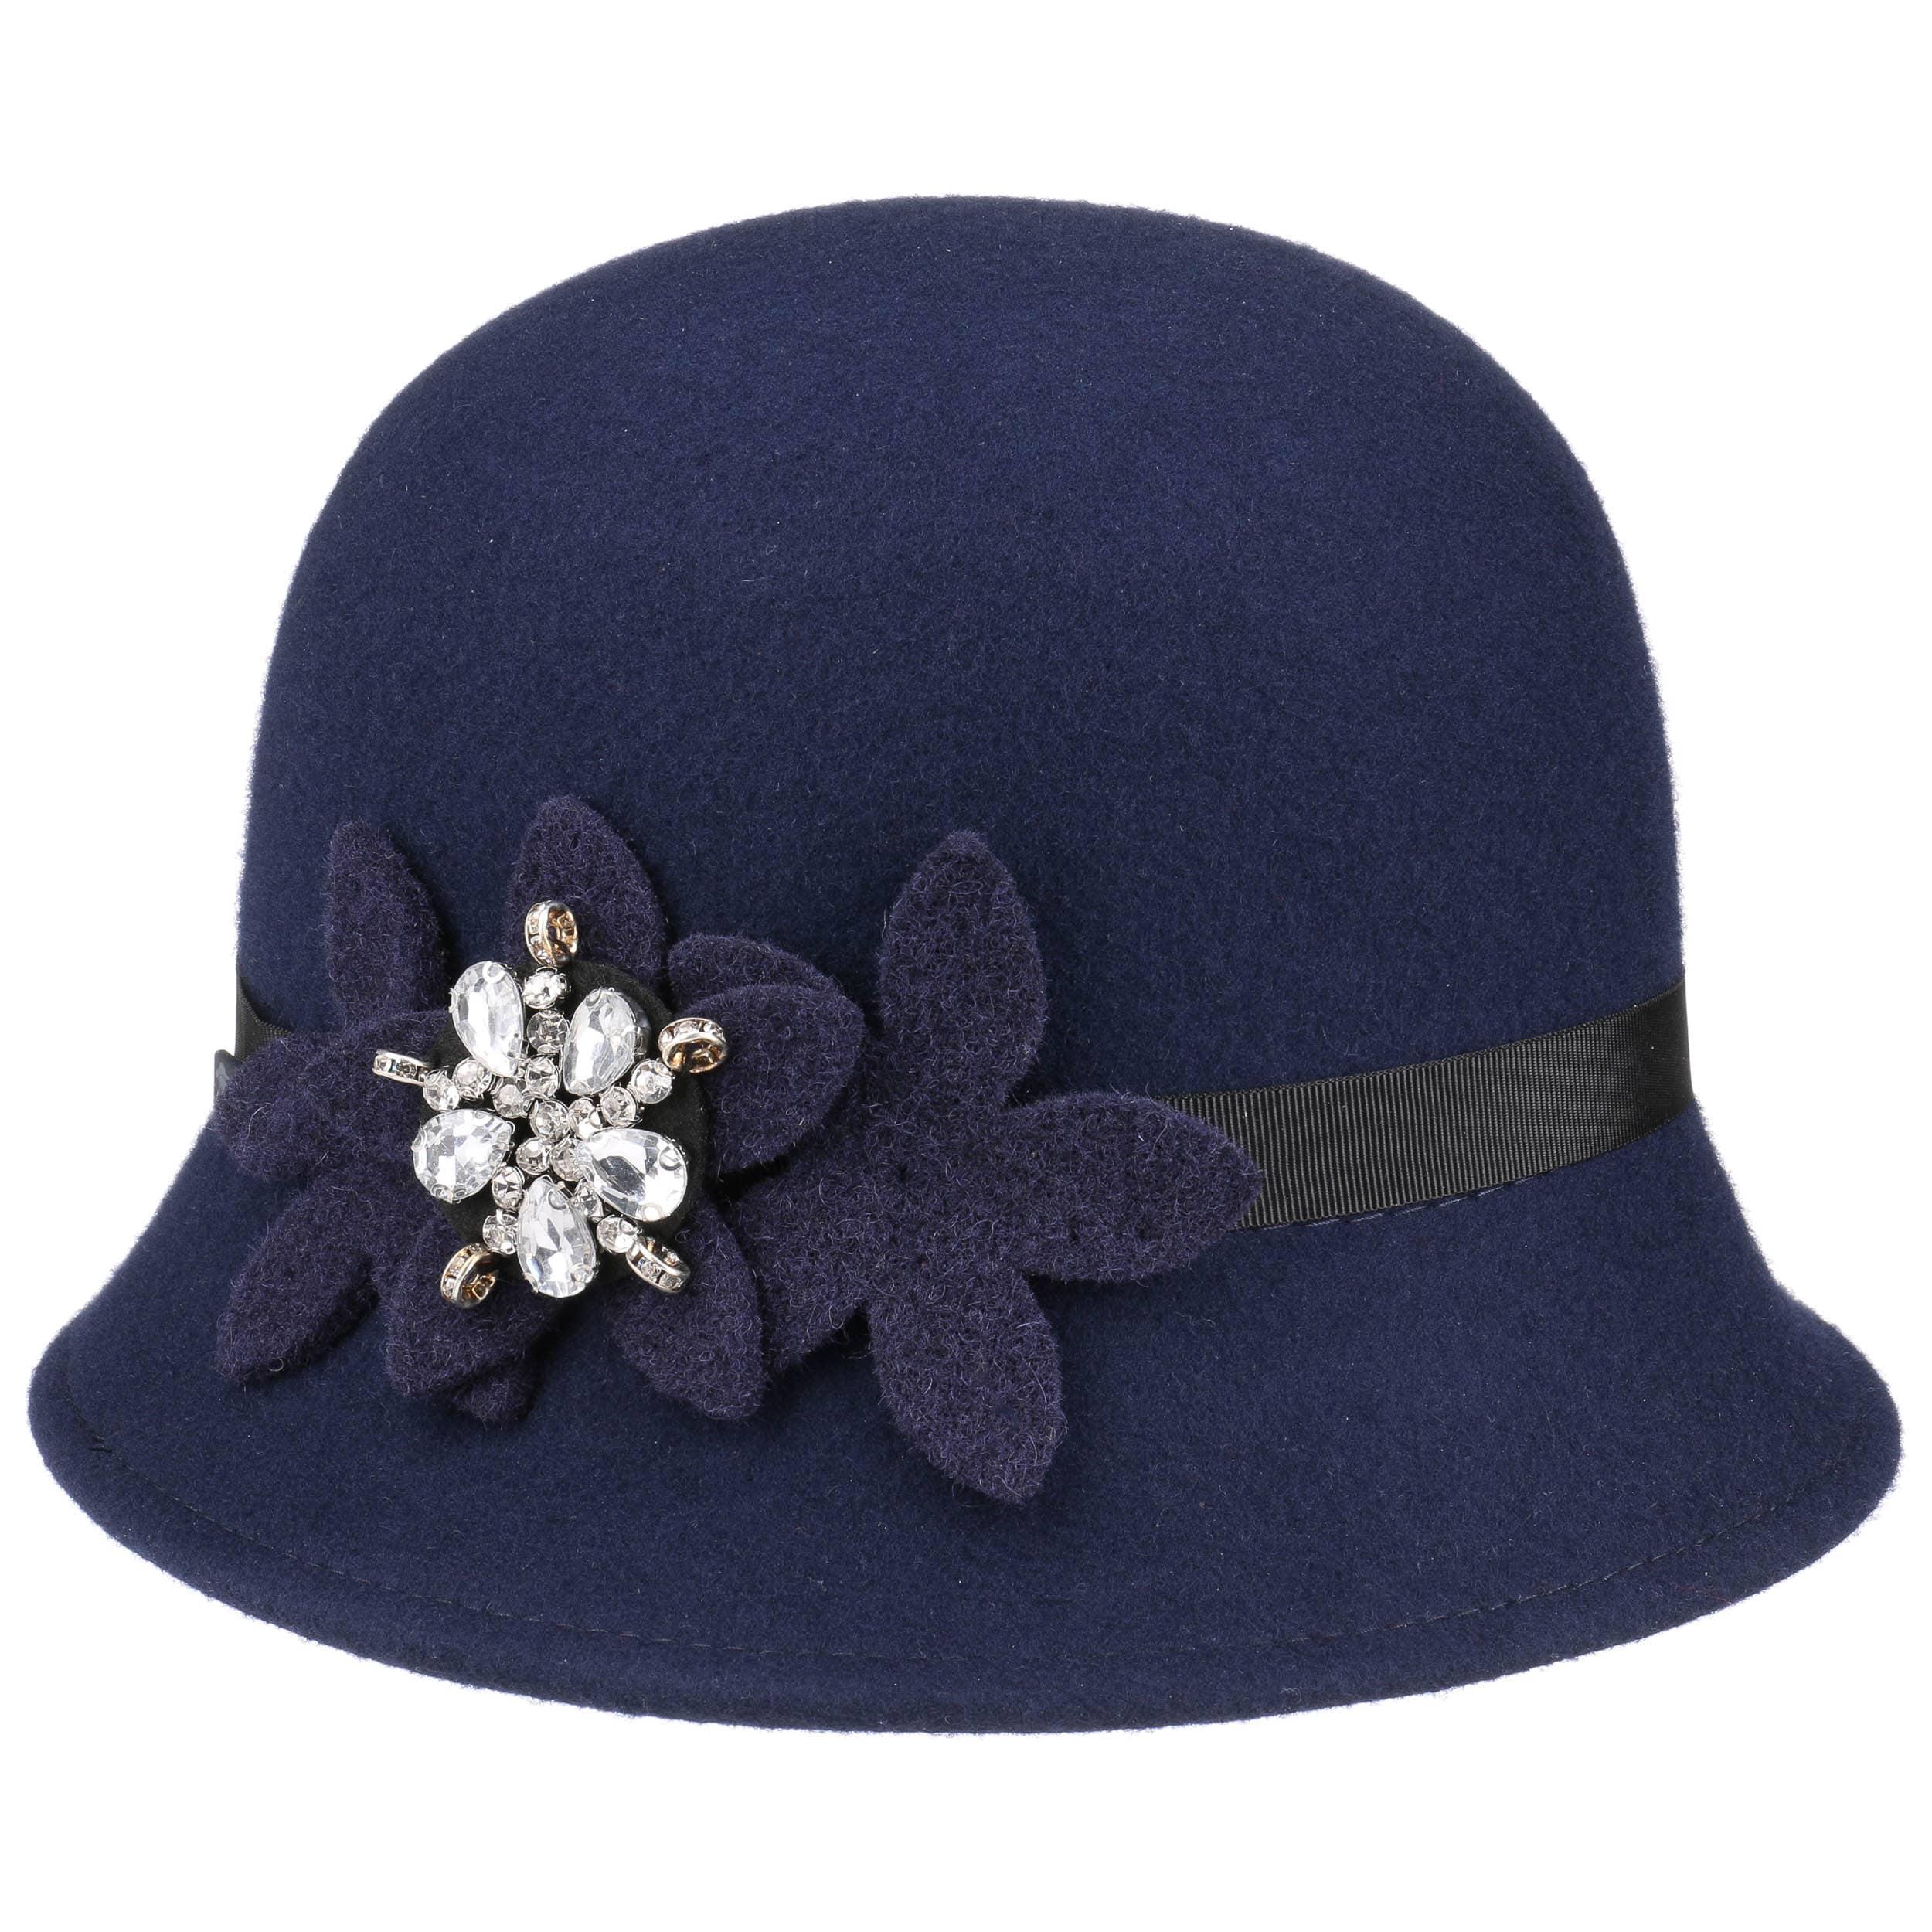 ... Sombrero Cloché con Flores y Estrás by Lipodo - azul 4 ... 6fff9a53d35